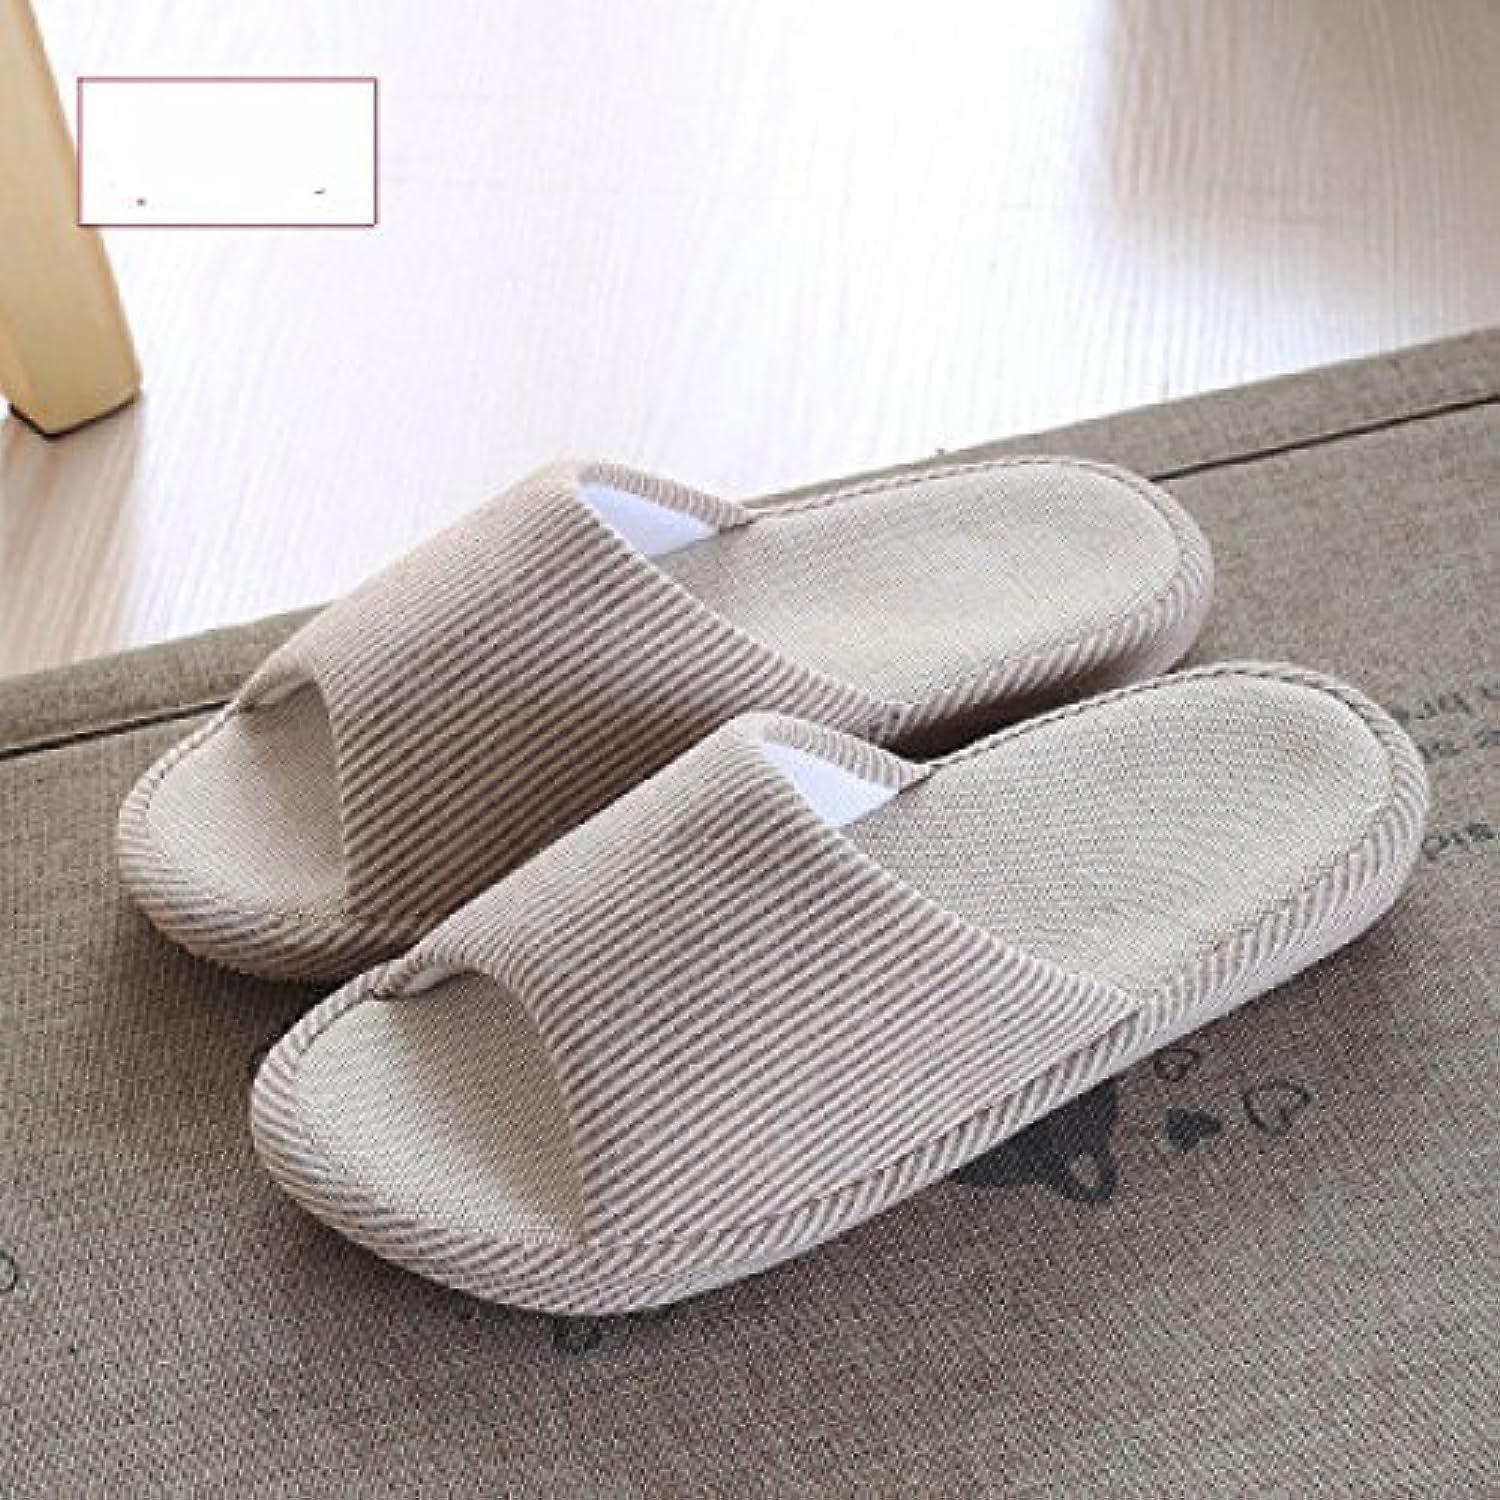 Pantofole Pantofole Da Casa Casa Casa Donne Estate Uomini E Donne Accoppiano Sandali Di Legno Per Interni Sandali Spessi... | Prezzo ottimale  | Maschio/Ragazze Scarpa  dfad4b